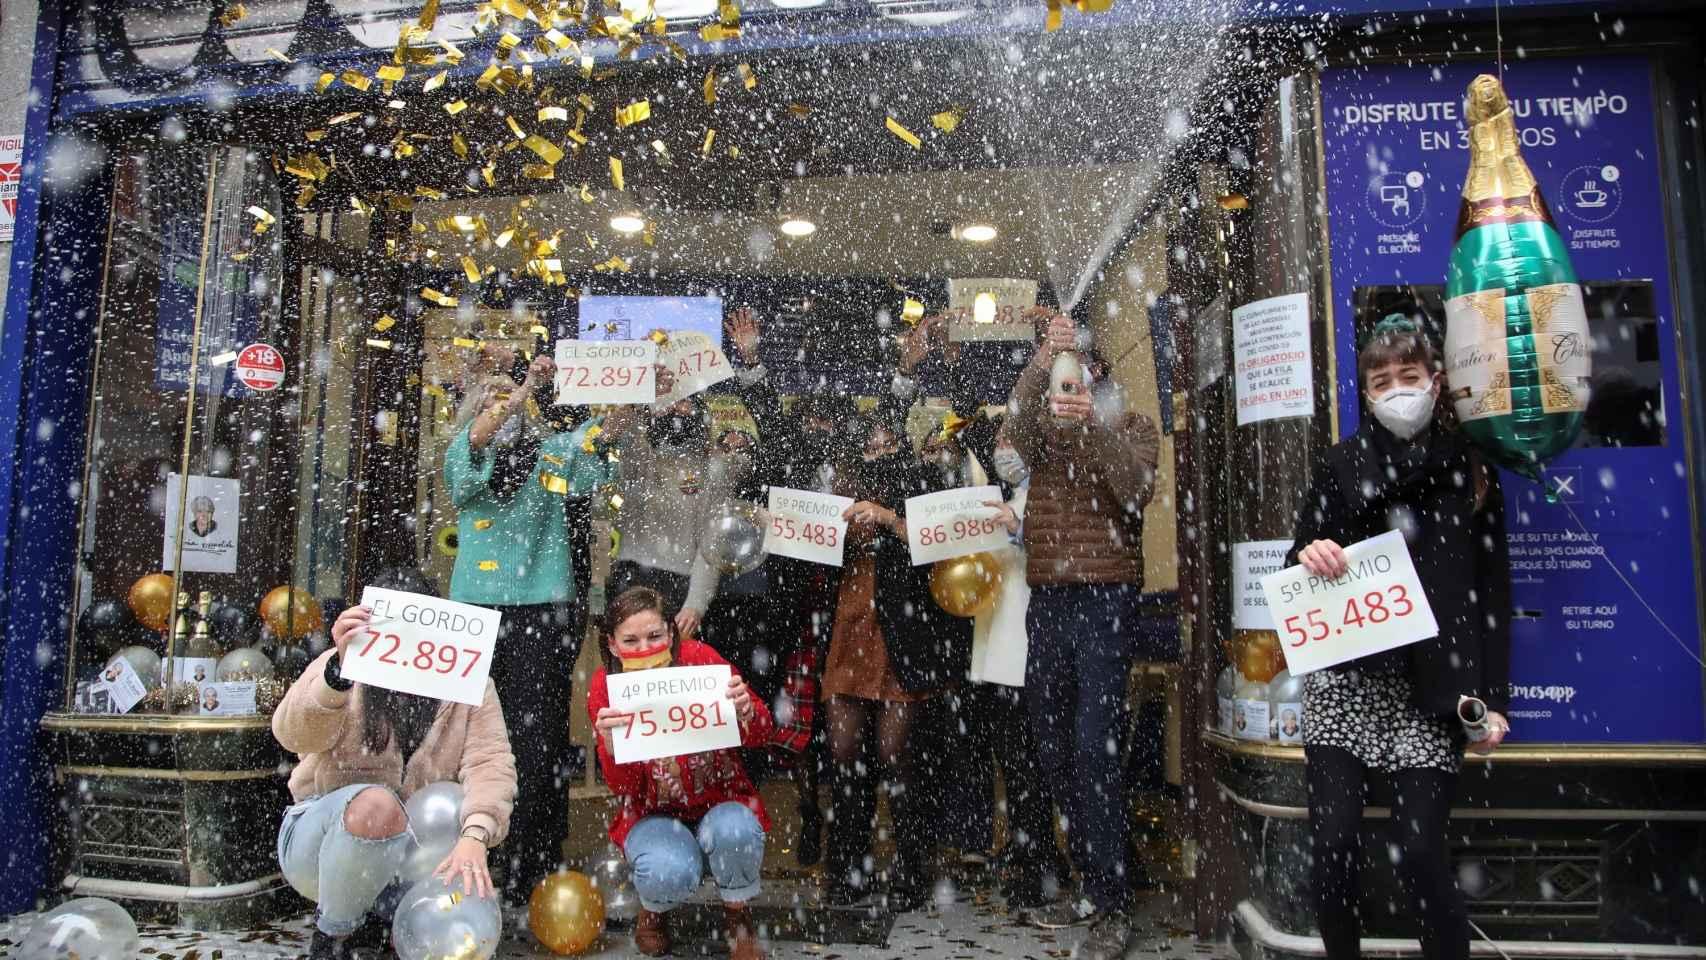 Loteros de 'Doña Manolita' (Madrid) festejan todos los premios repartidos, entre ellos El Gordo.